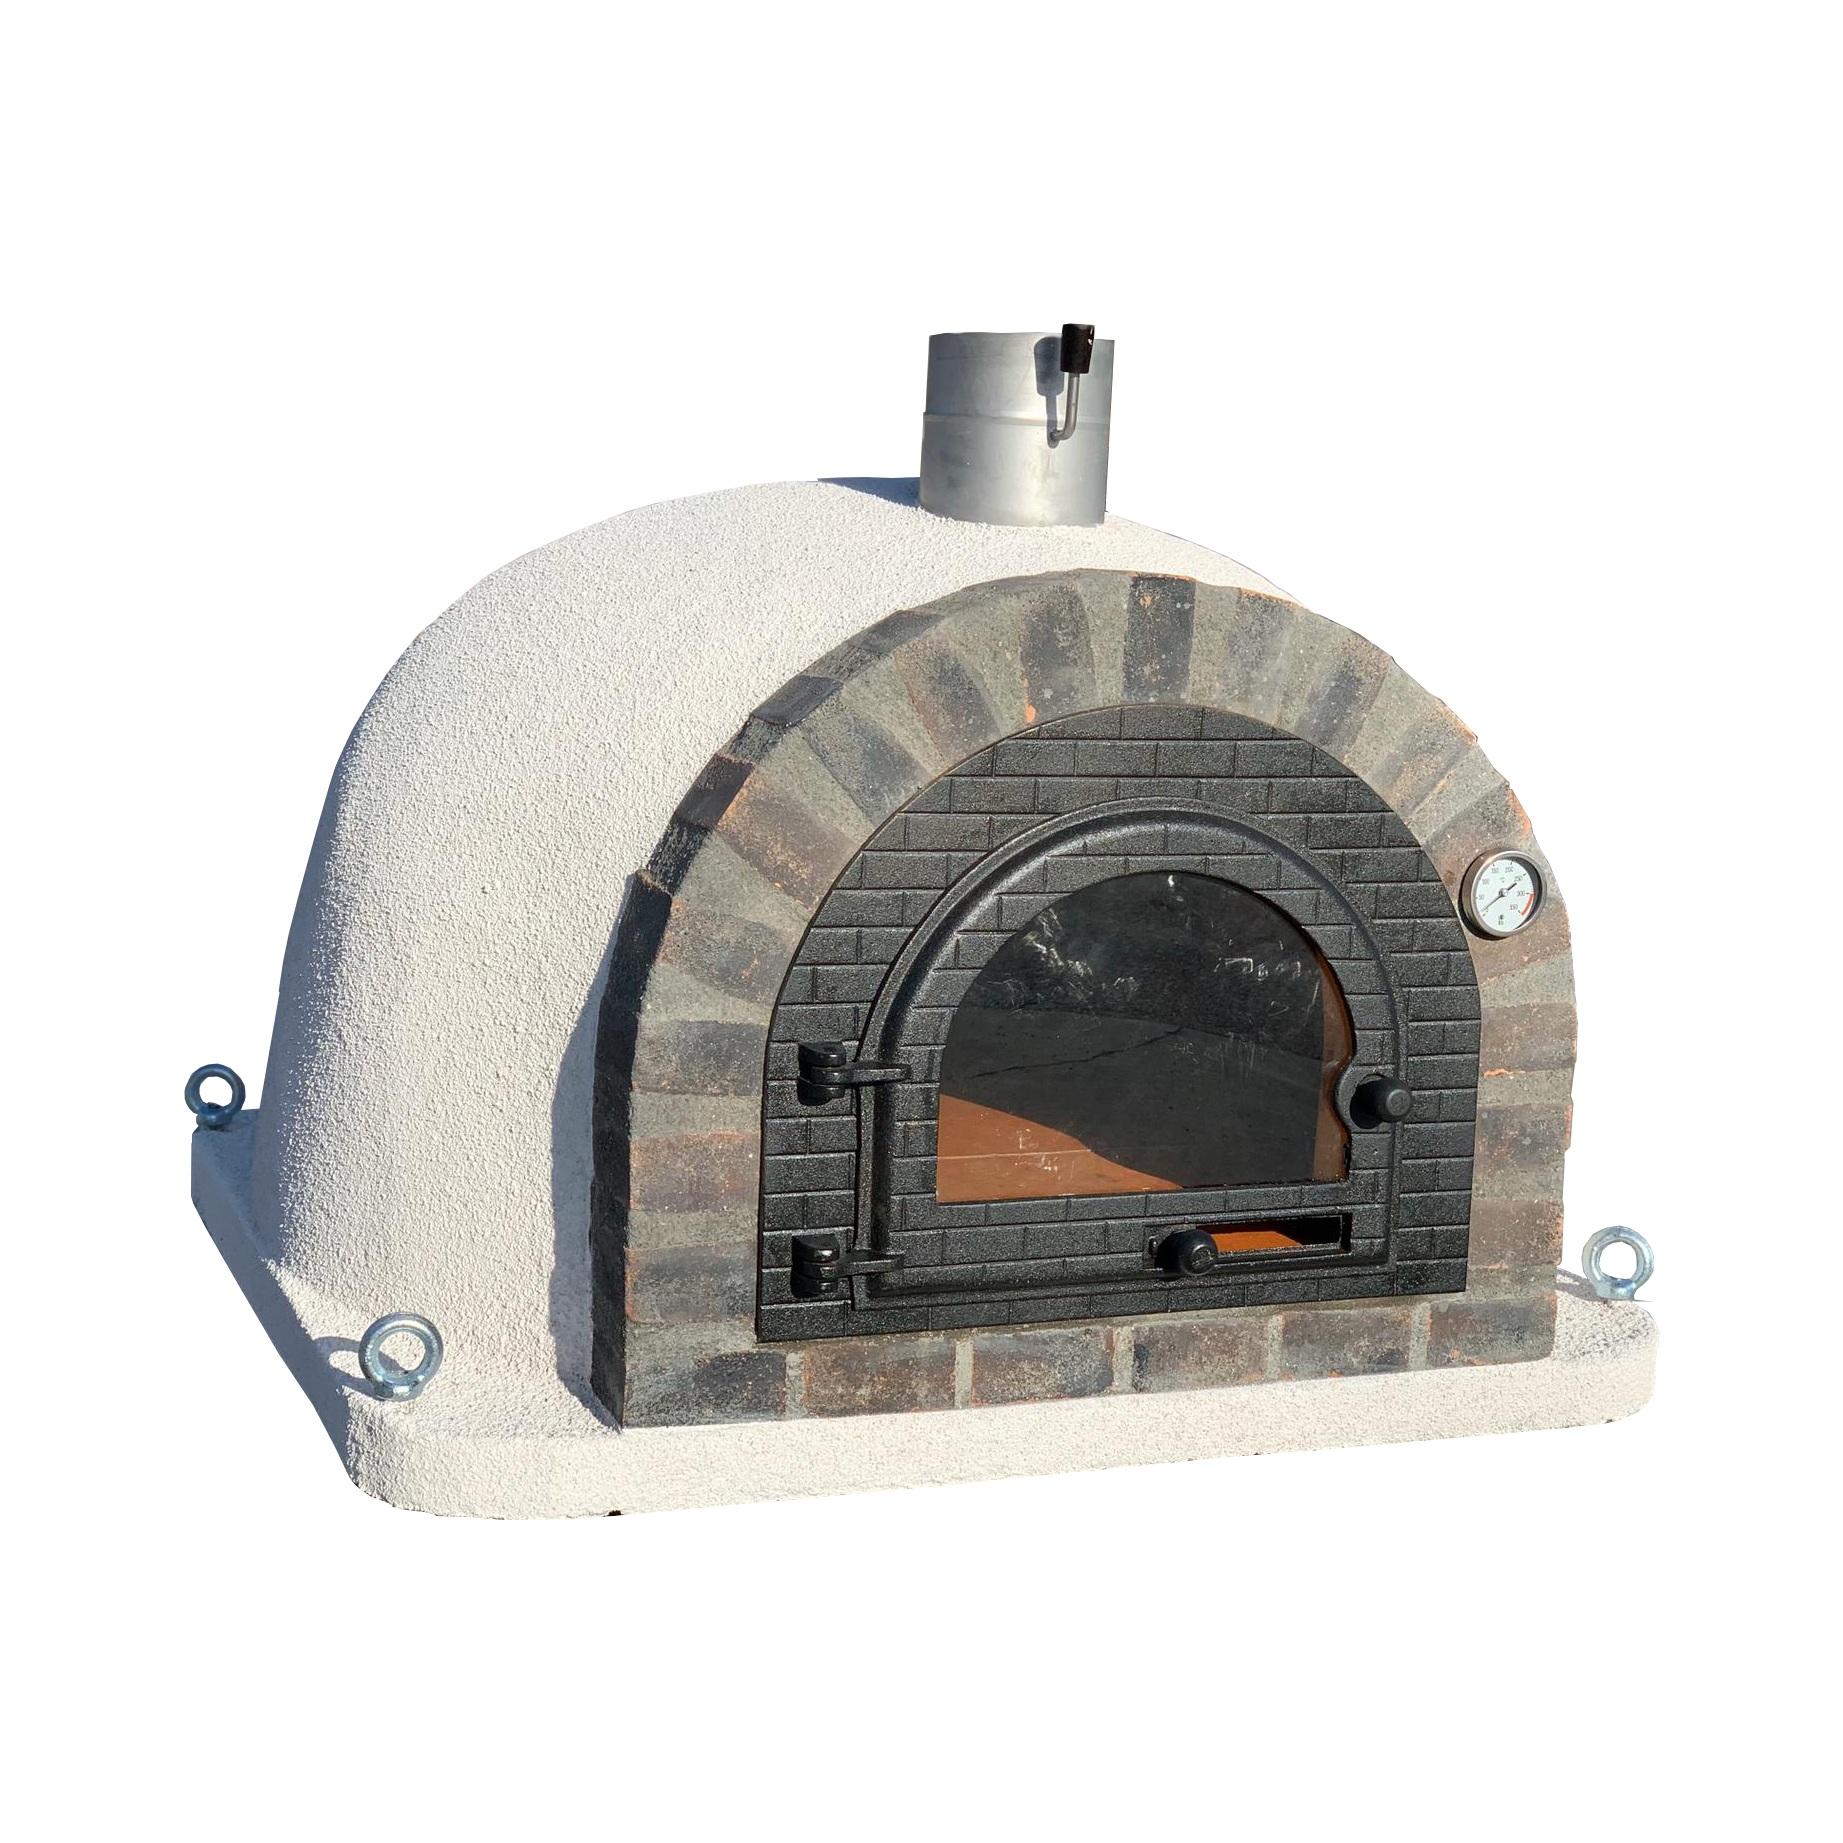 Pizzaugn | Vedugn | Stenugn med svart rustikt tegel